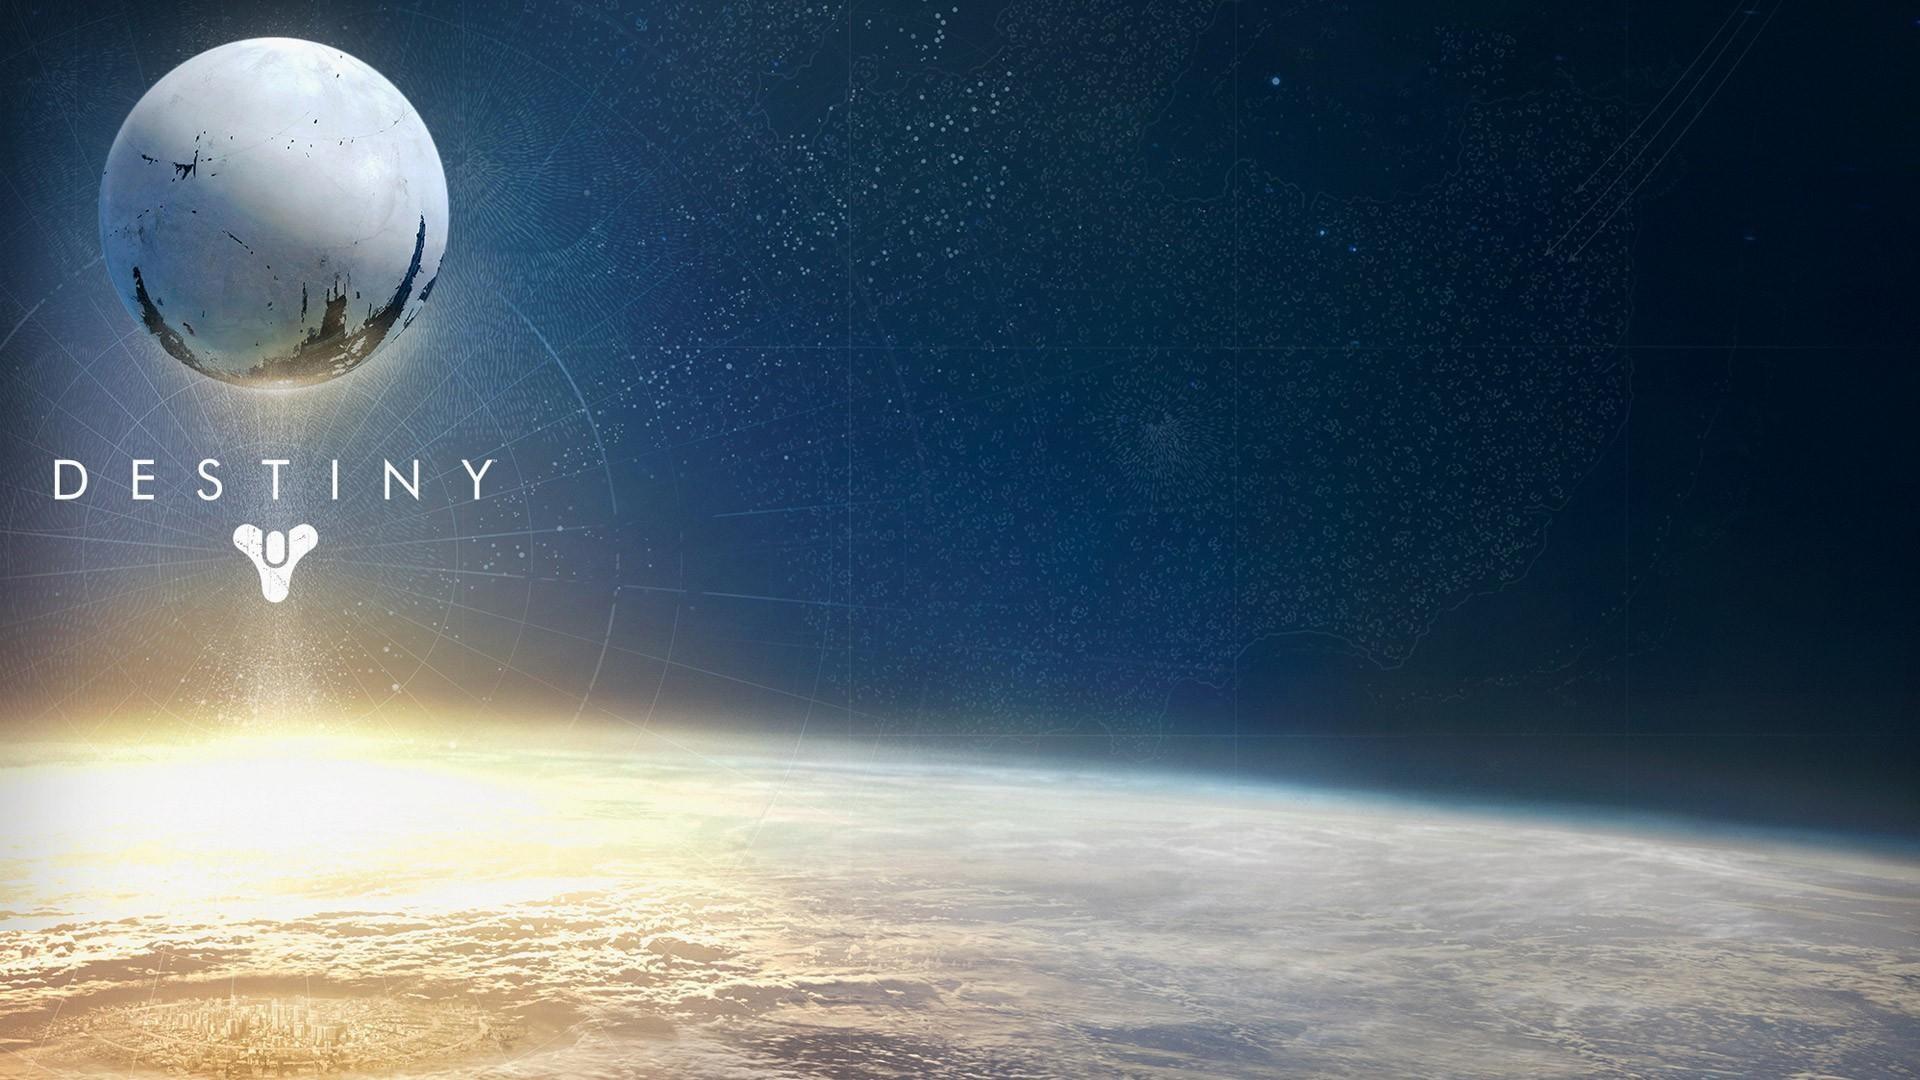 Destiny-Wallpaper-HD-Logo